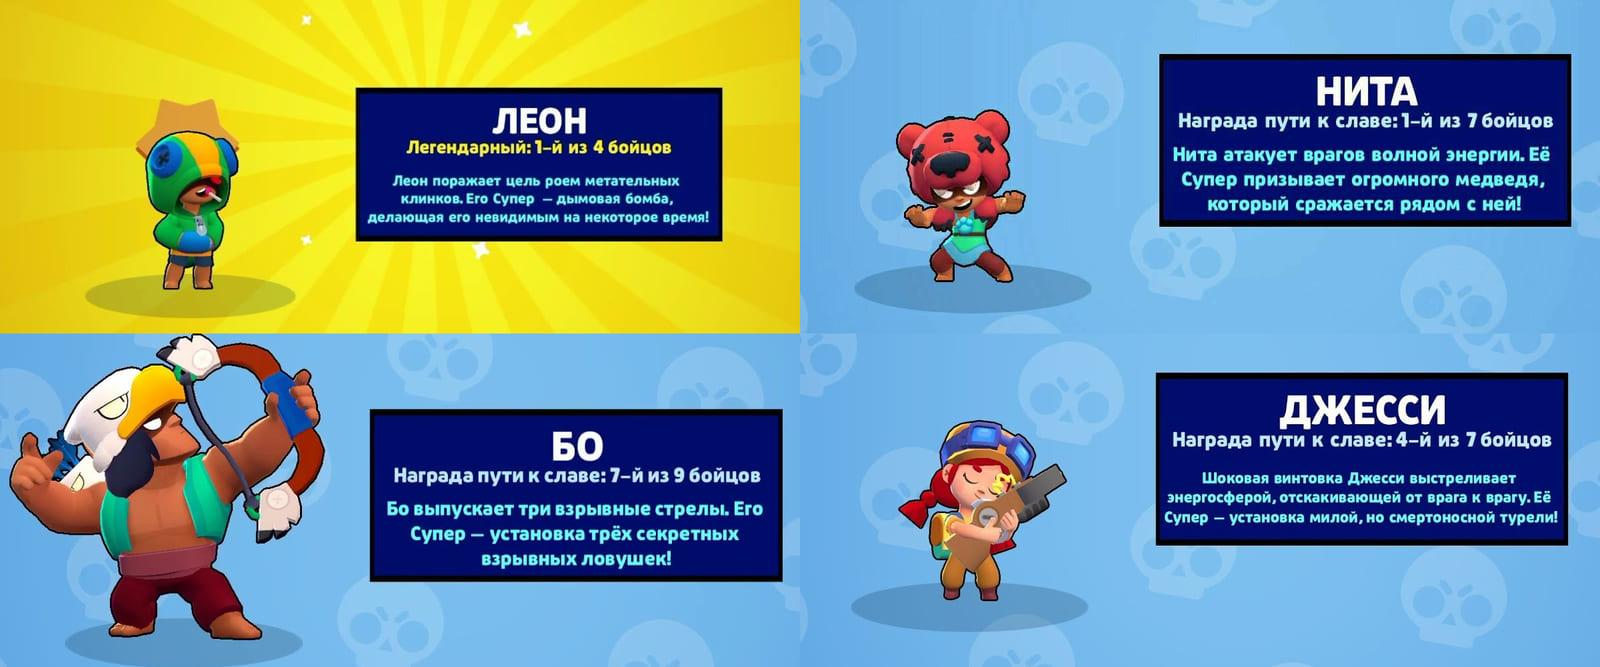 Какие персонажи могут поднять кубки в Бравл Старс